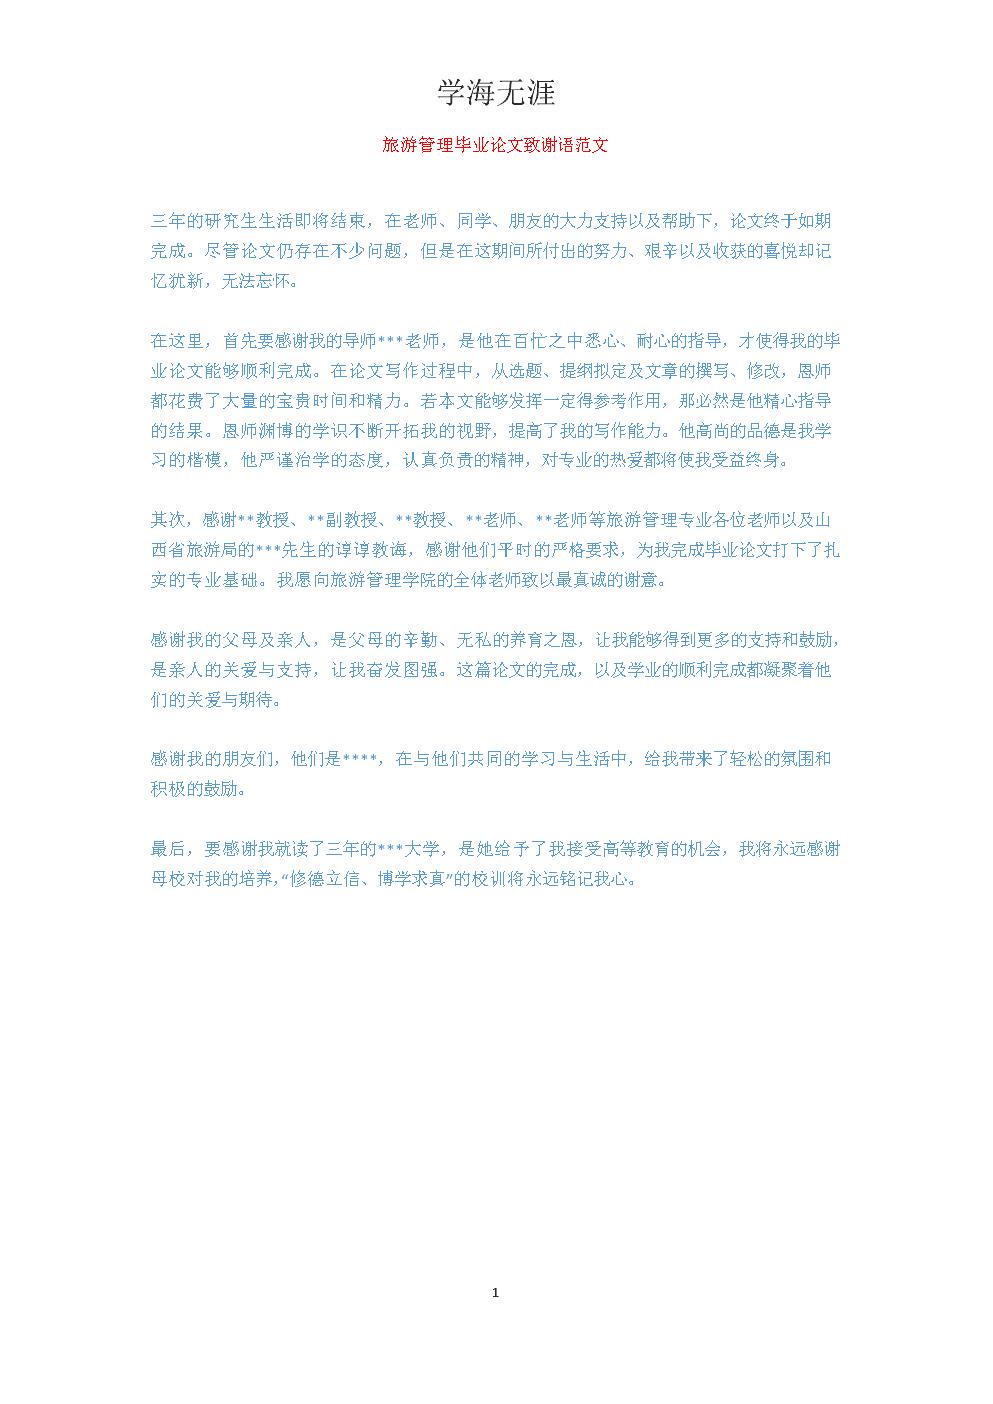 旅游管理毕业论文致谢语范文.docx